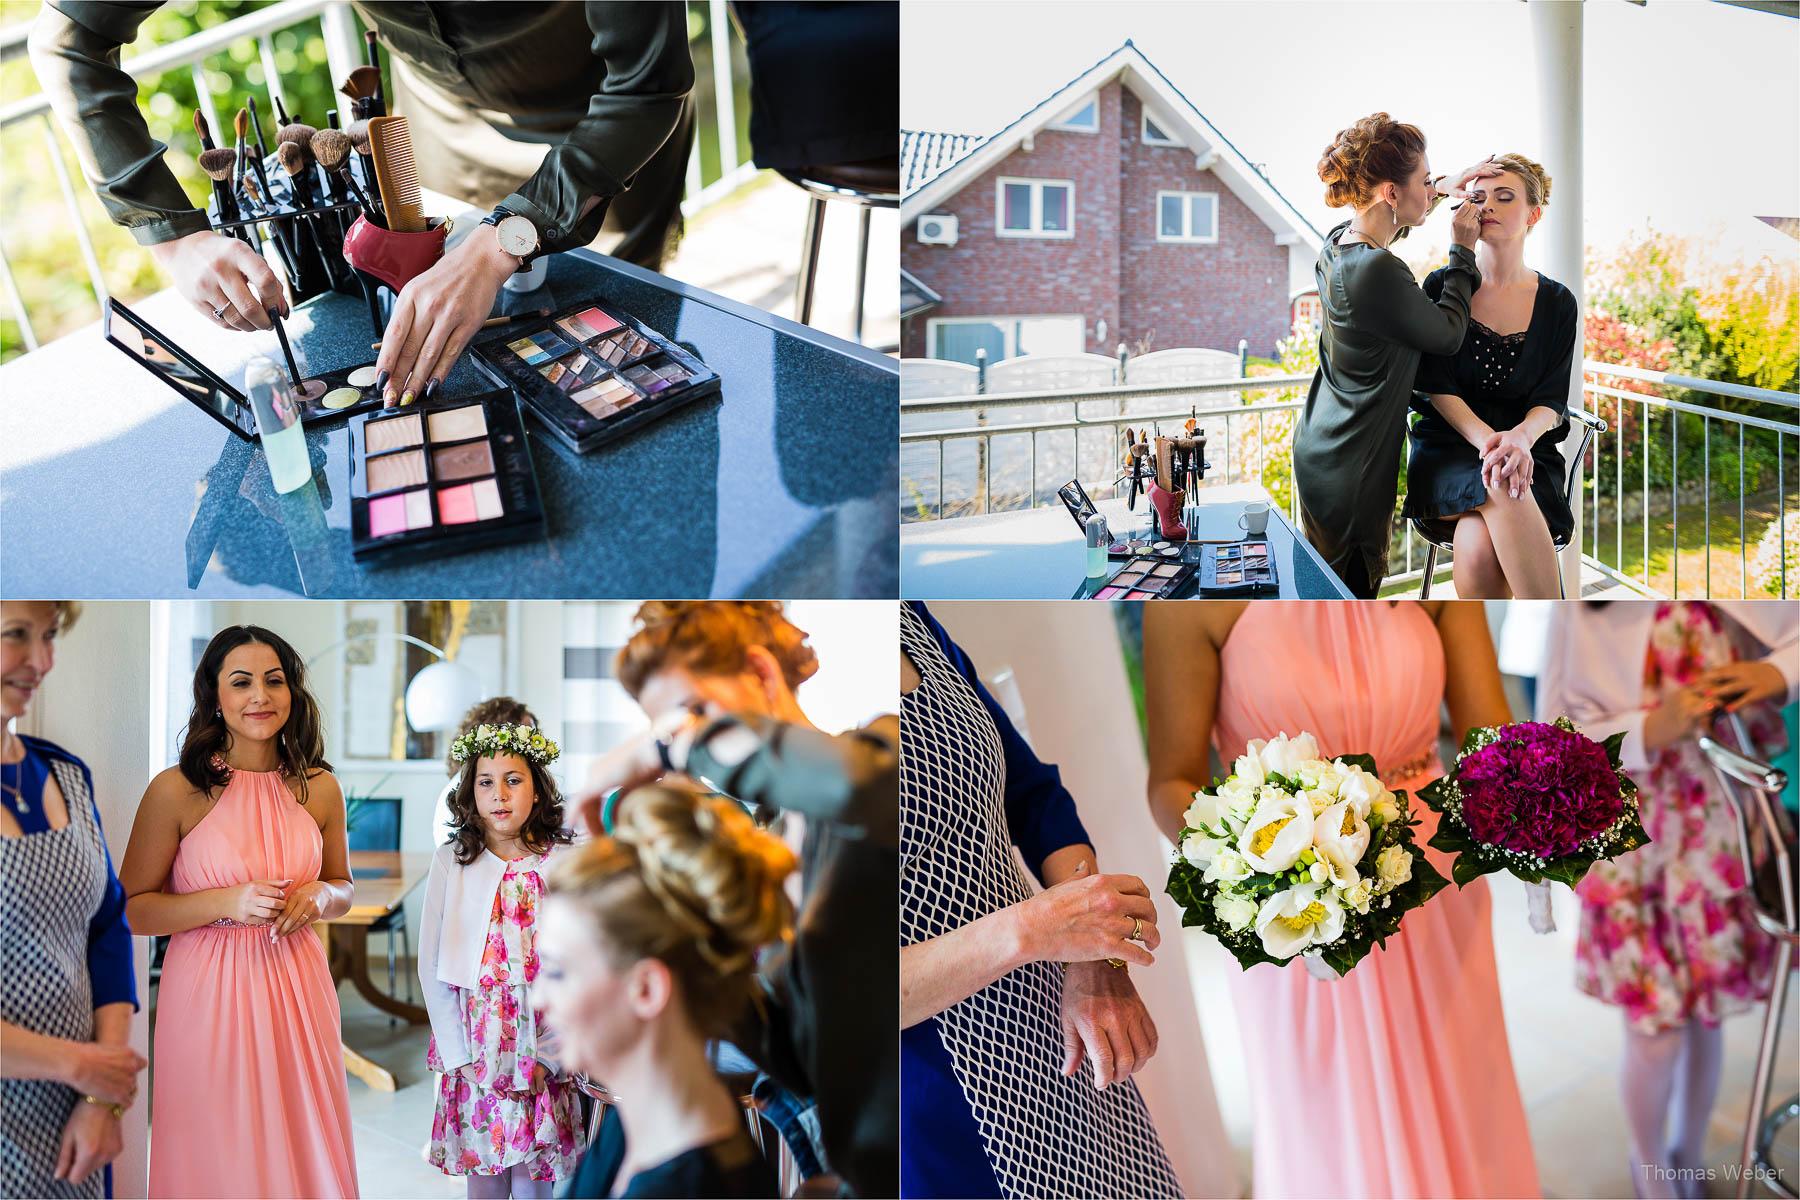 Ankleide vor der Hochzeit in Cloppenburg, Hochzeitsfotograf Oldenburg, Thomas Weber